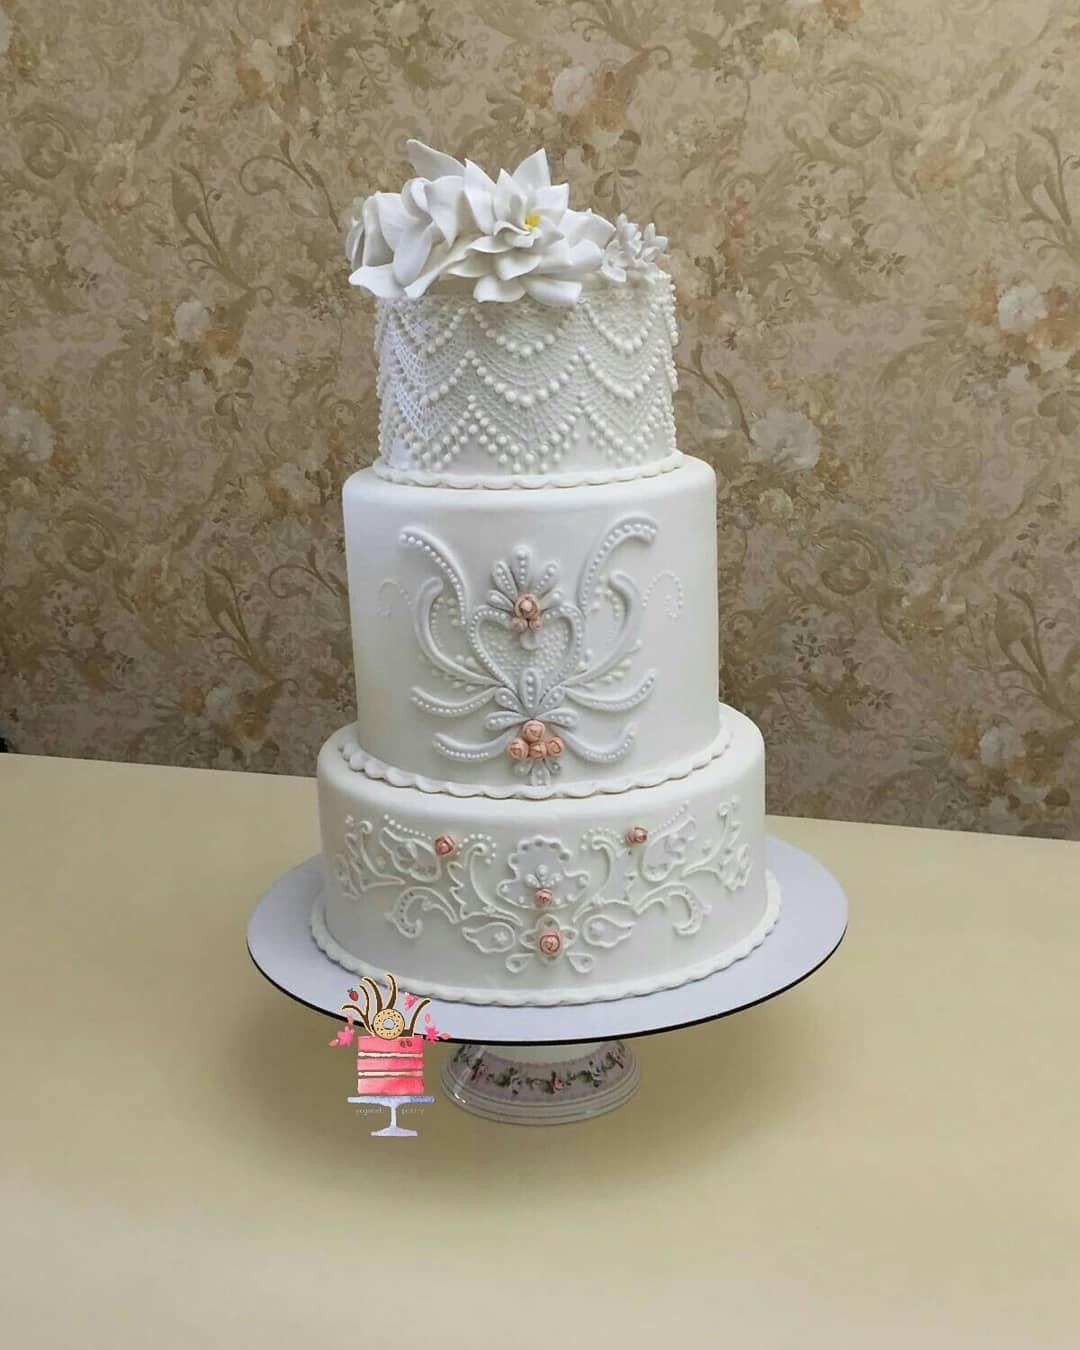 کیک عروسی و کیک تولد یگانه ارشاد